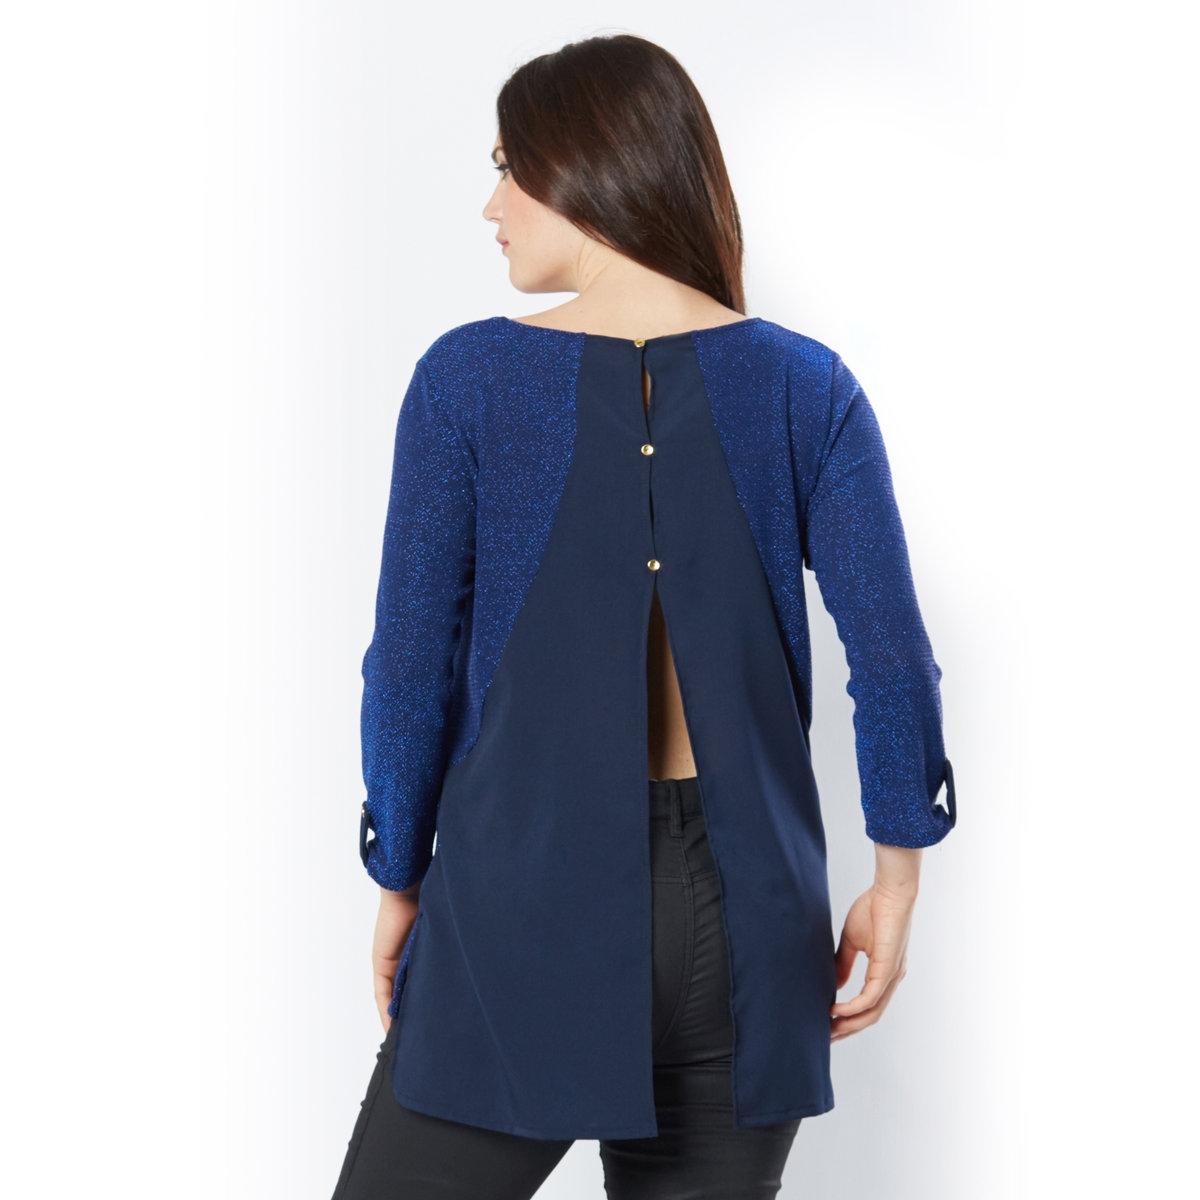 Пуловер с отделкой кружевом и прозрачной тканью на спинке